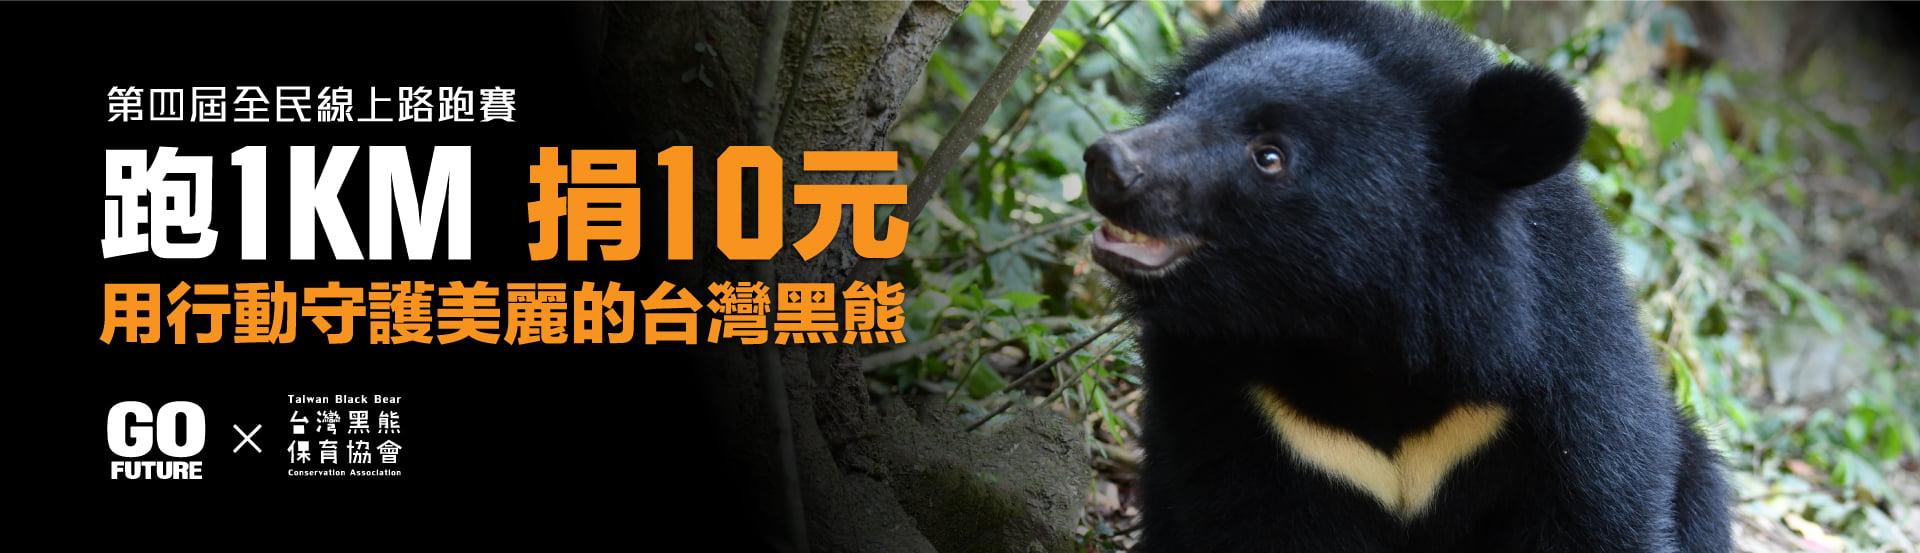 第四屆 Go Future 全民線上路跑 X 台灣黑灣保育協會